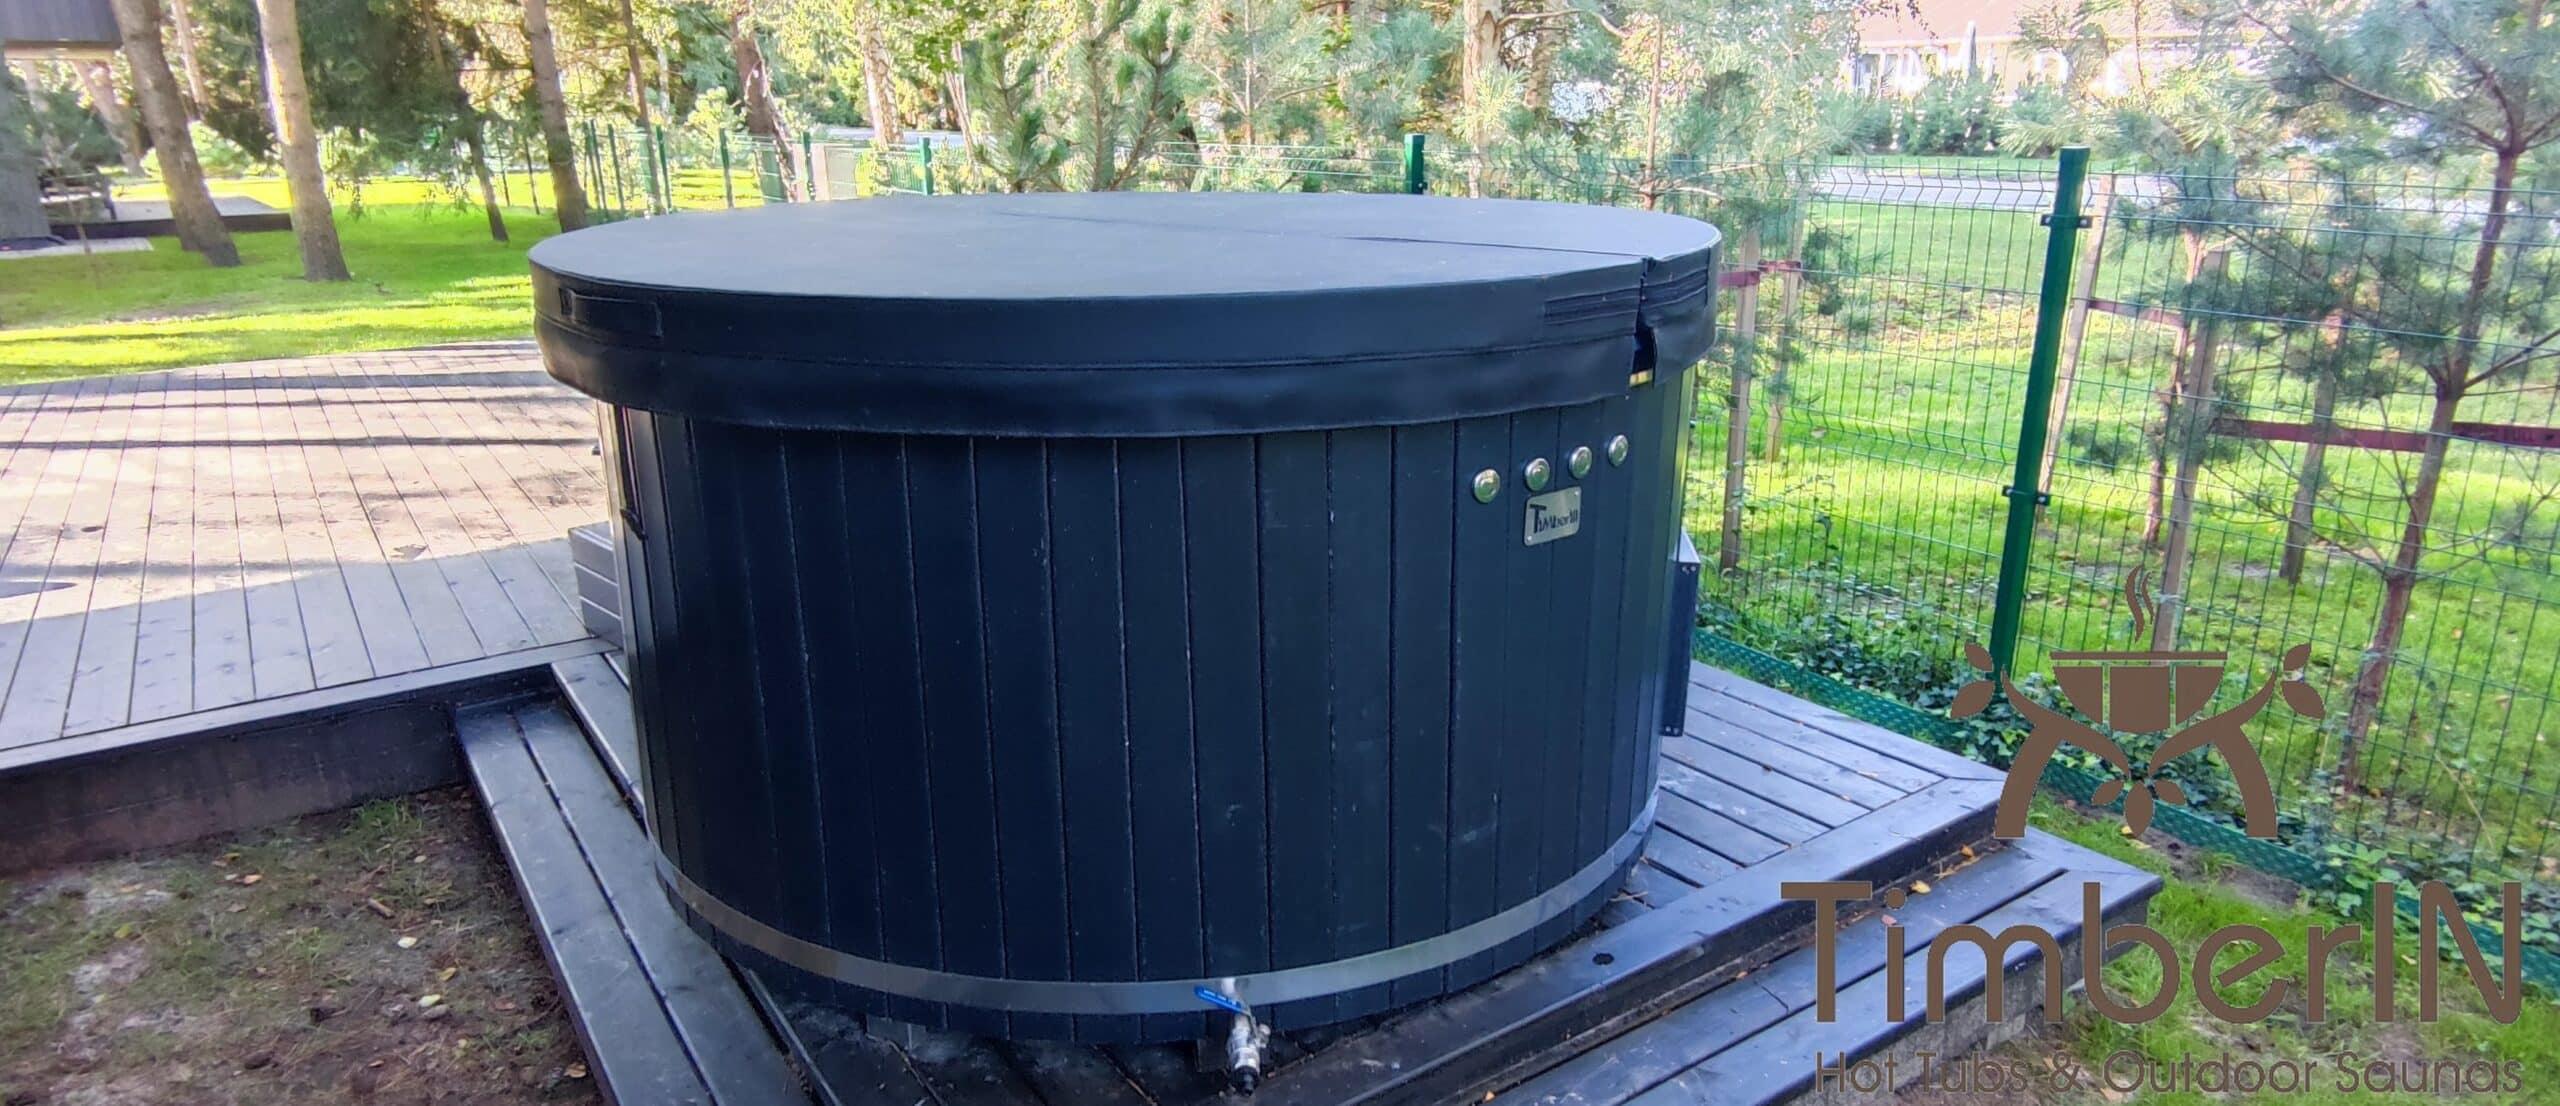 Badezuber elektrisch beheizt mit Elektroheizung 11 scaled